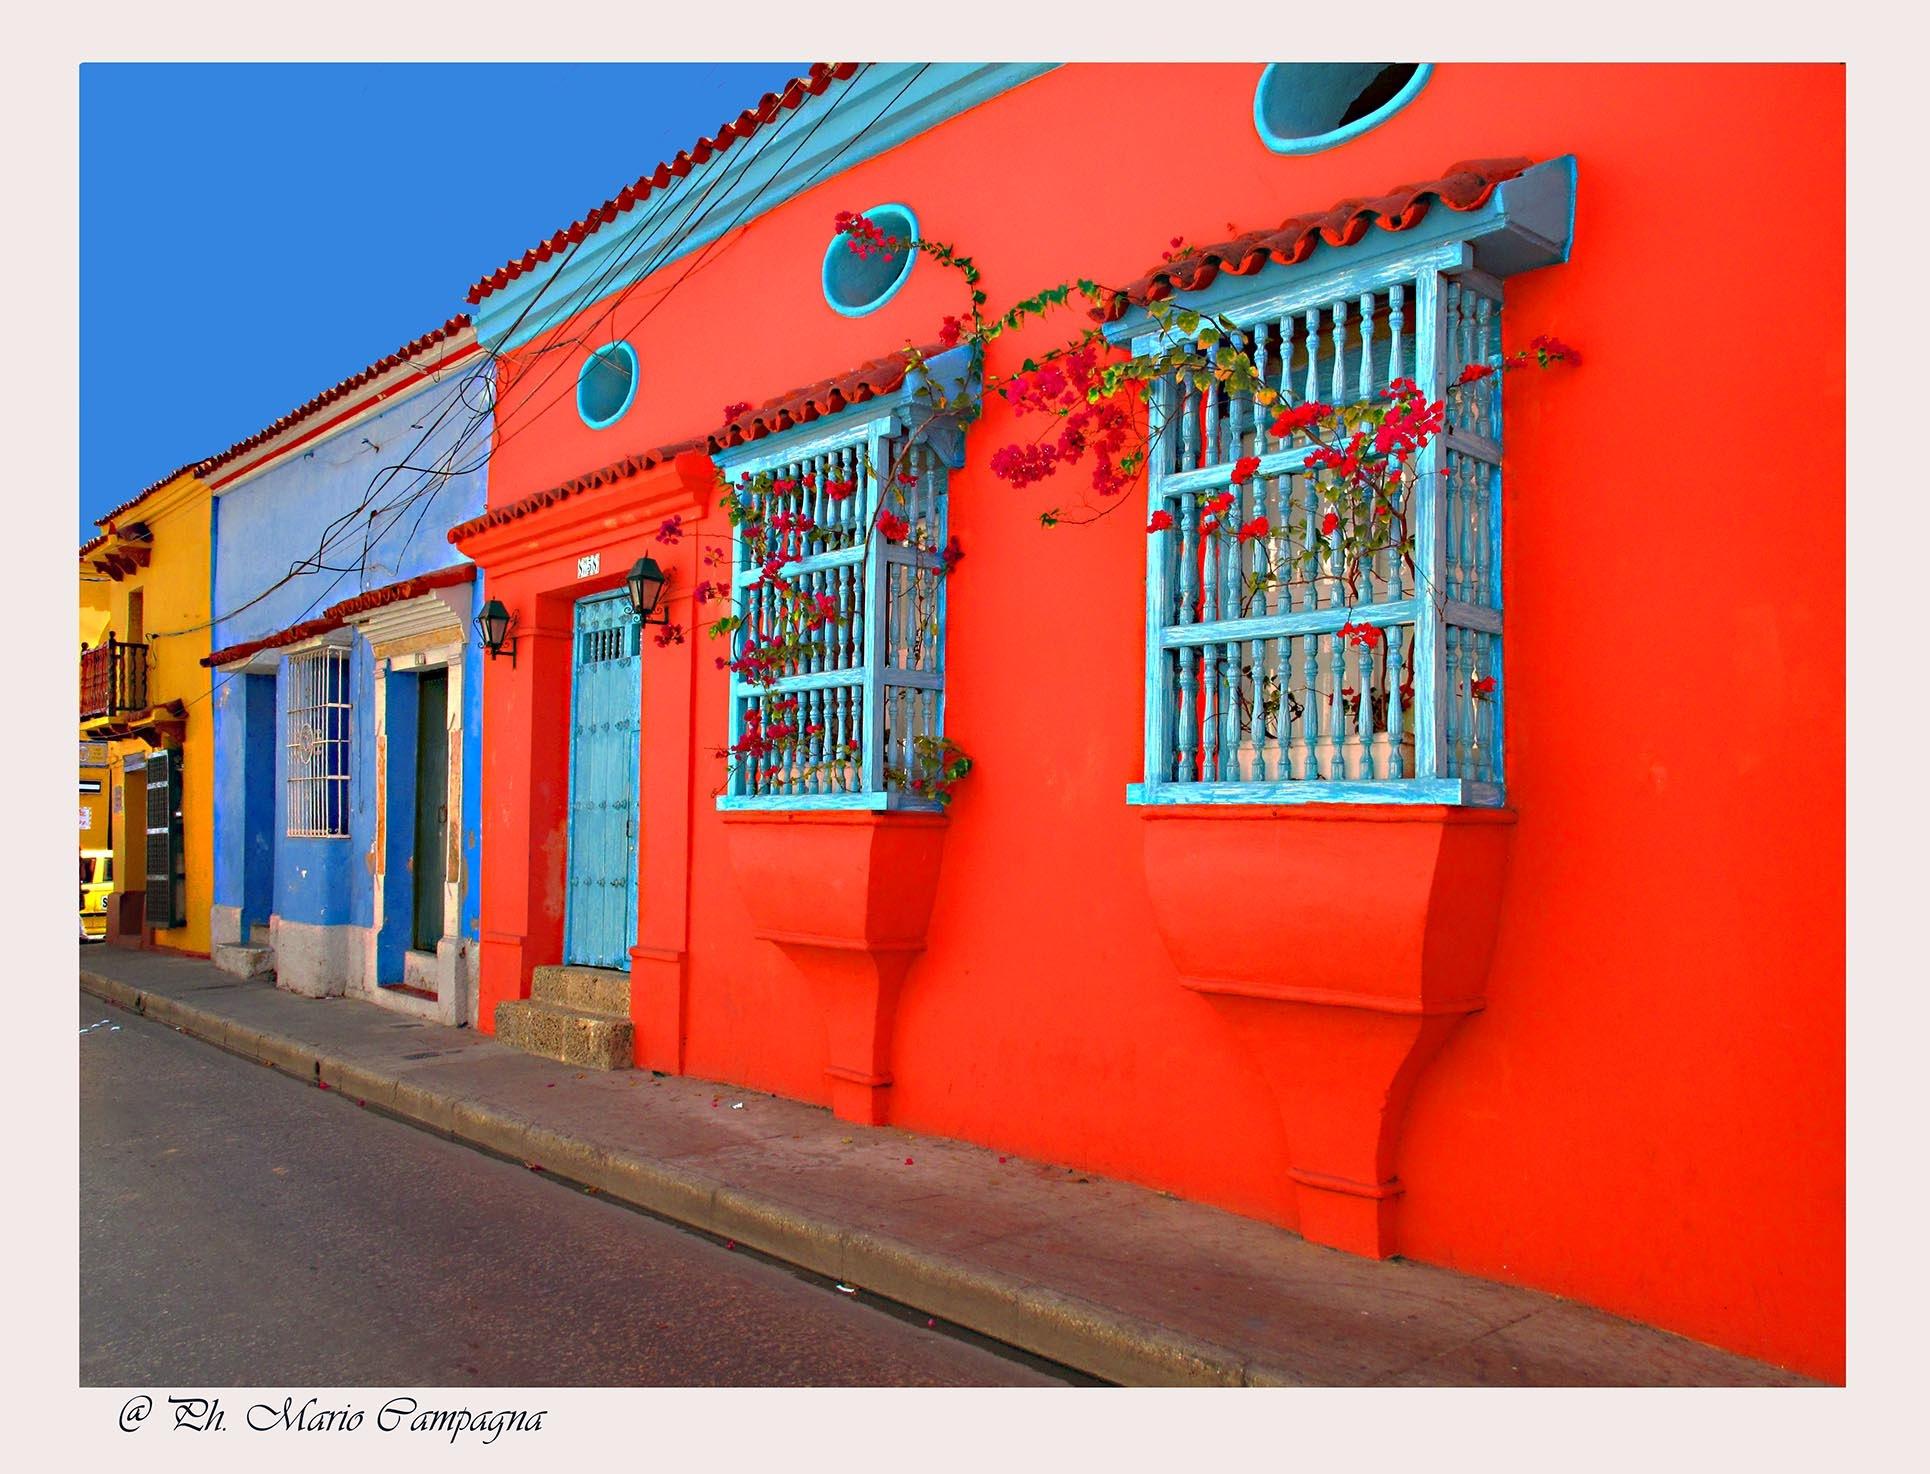 Cartagena de Indias (Colombia) by mario campagna